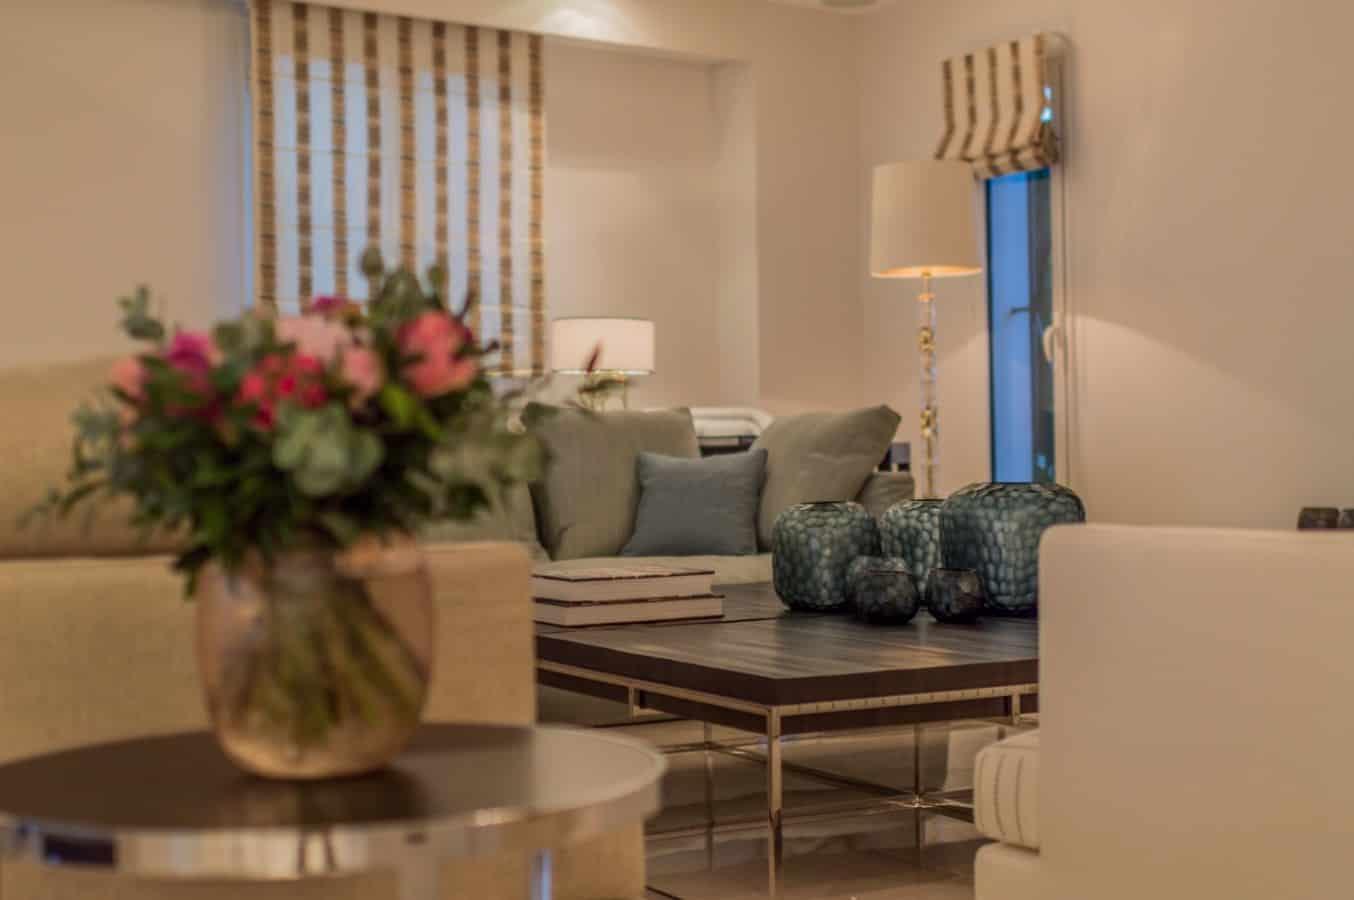 maha villa architecte luxoria interior